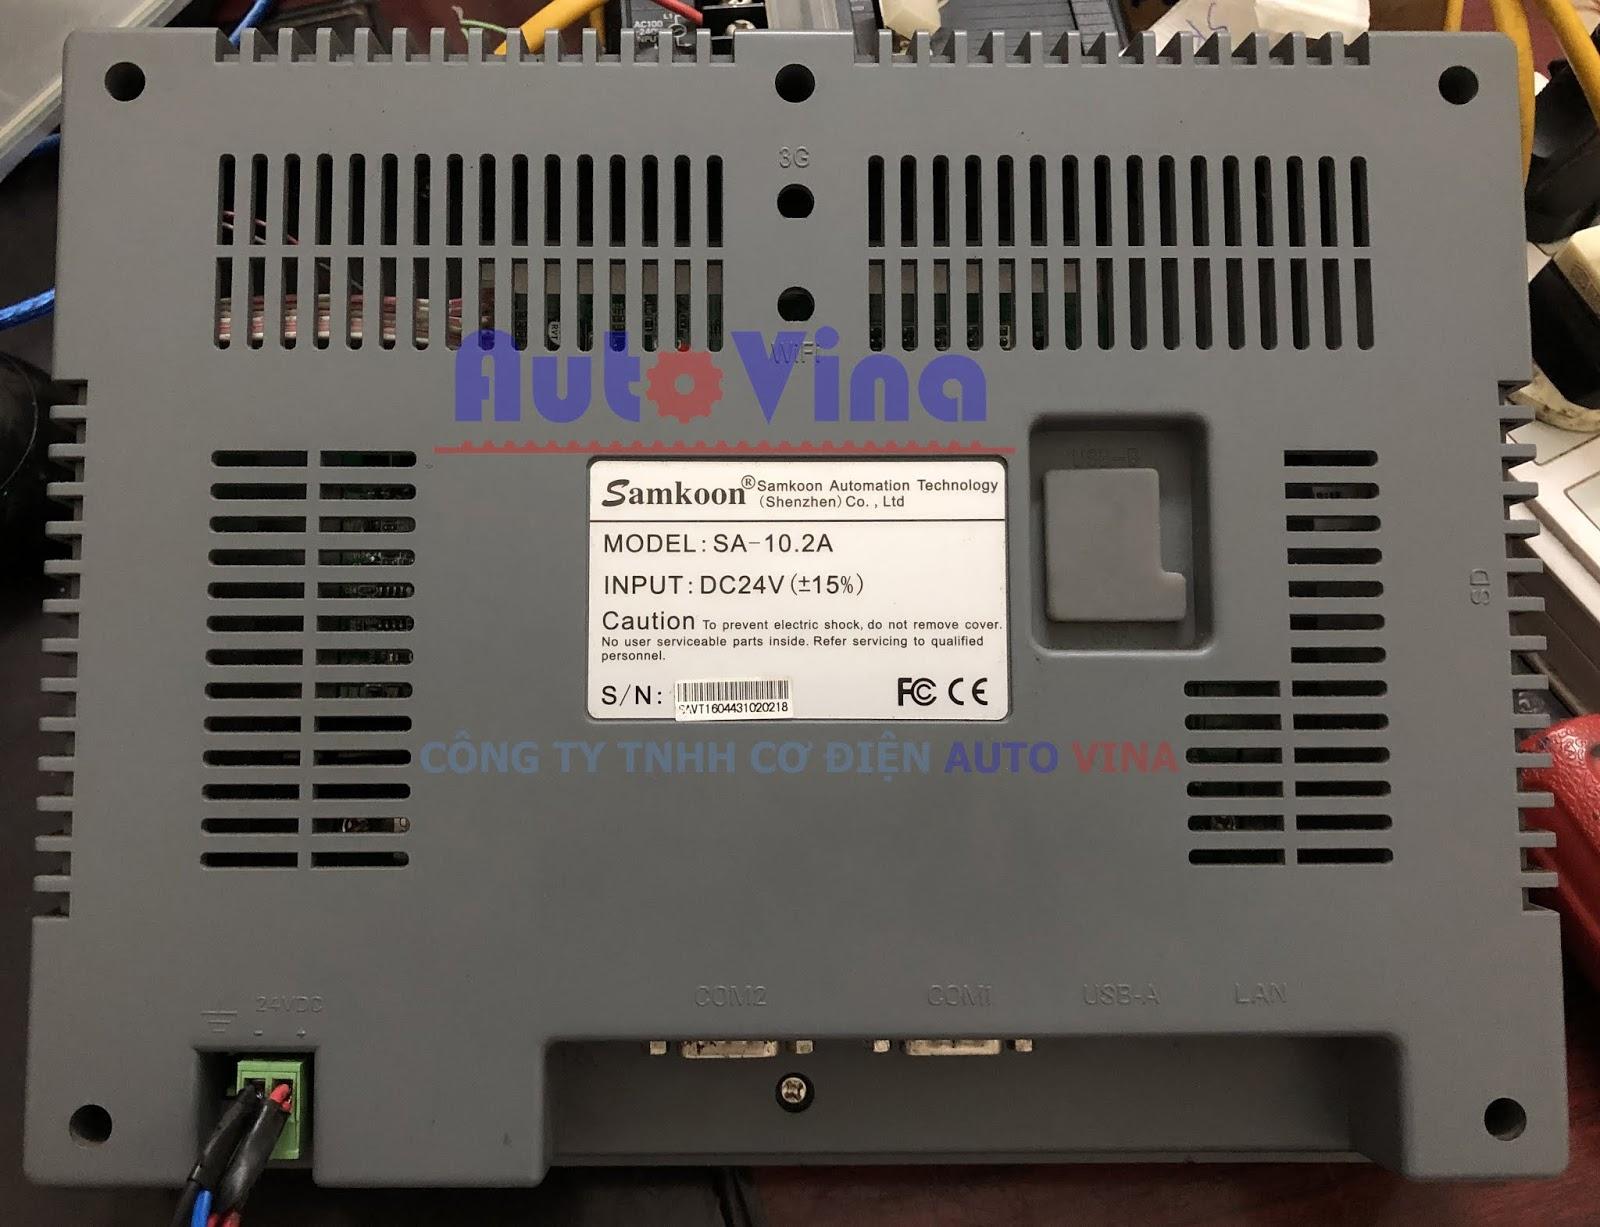 hình ảnh màn hình Samkoon SA-10.2A tại Công ty Auto Vina